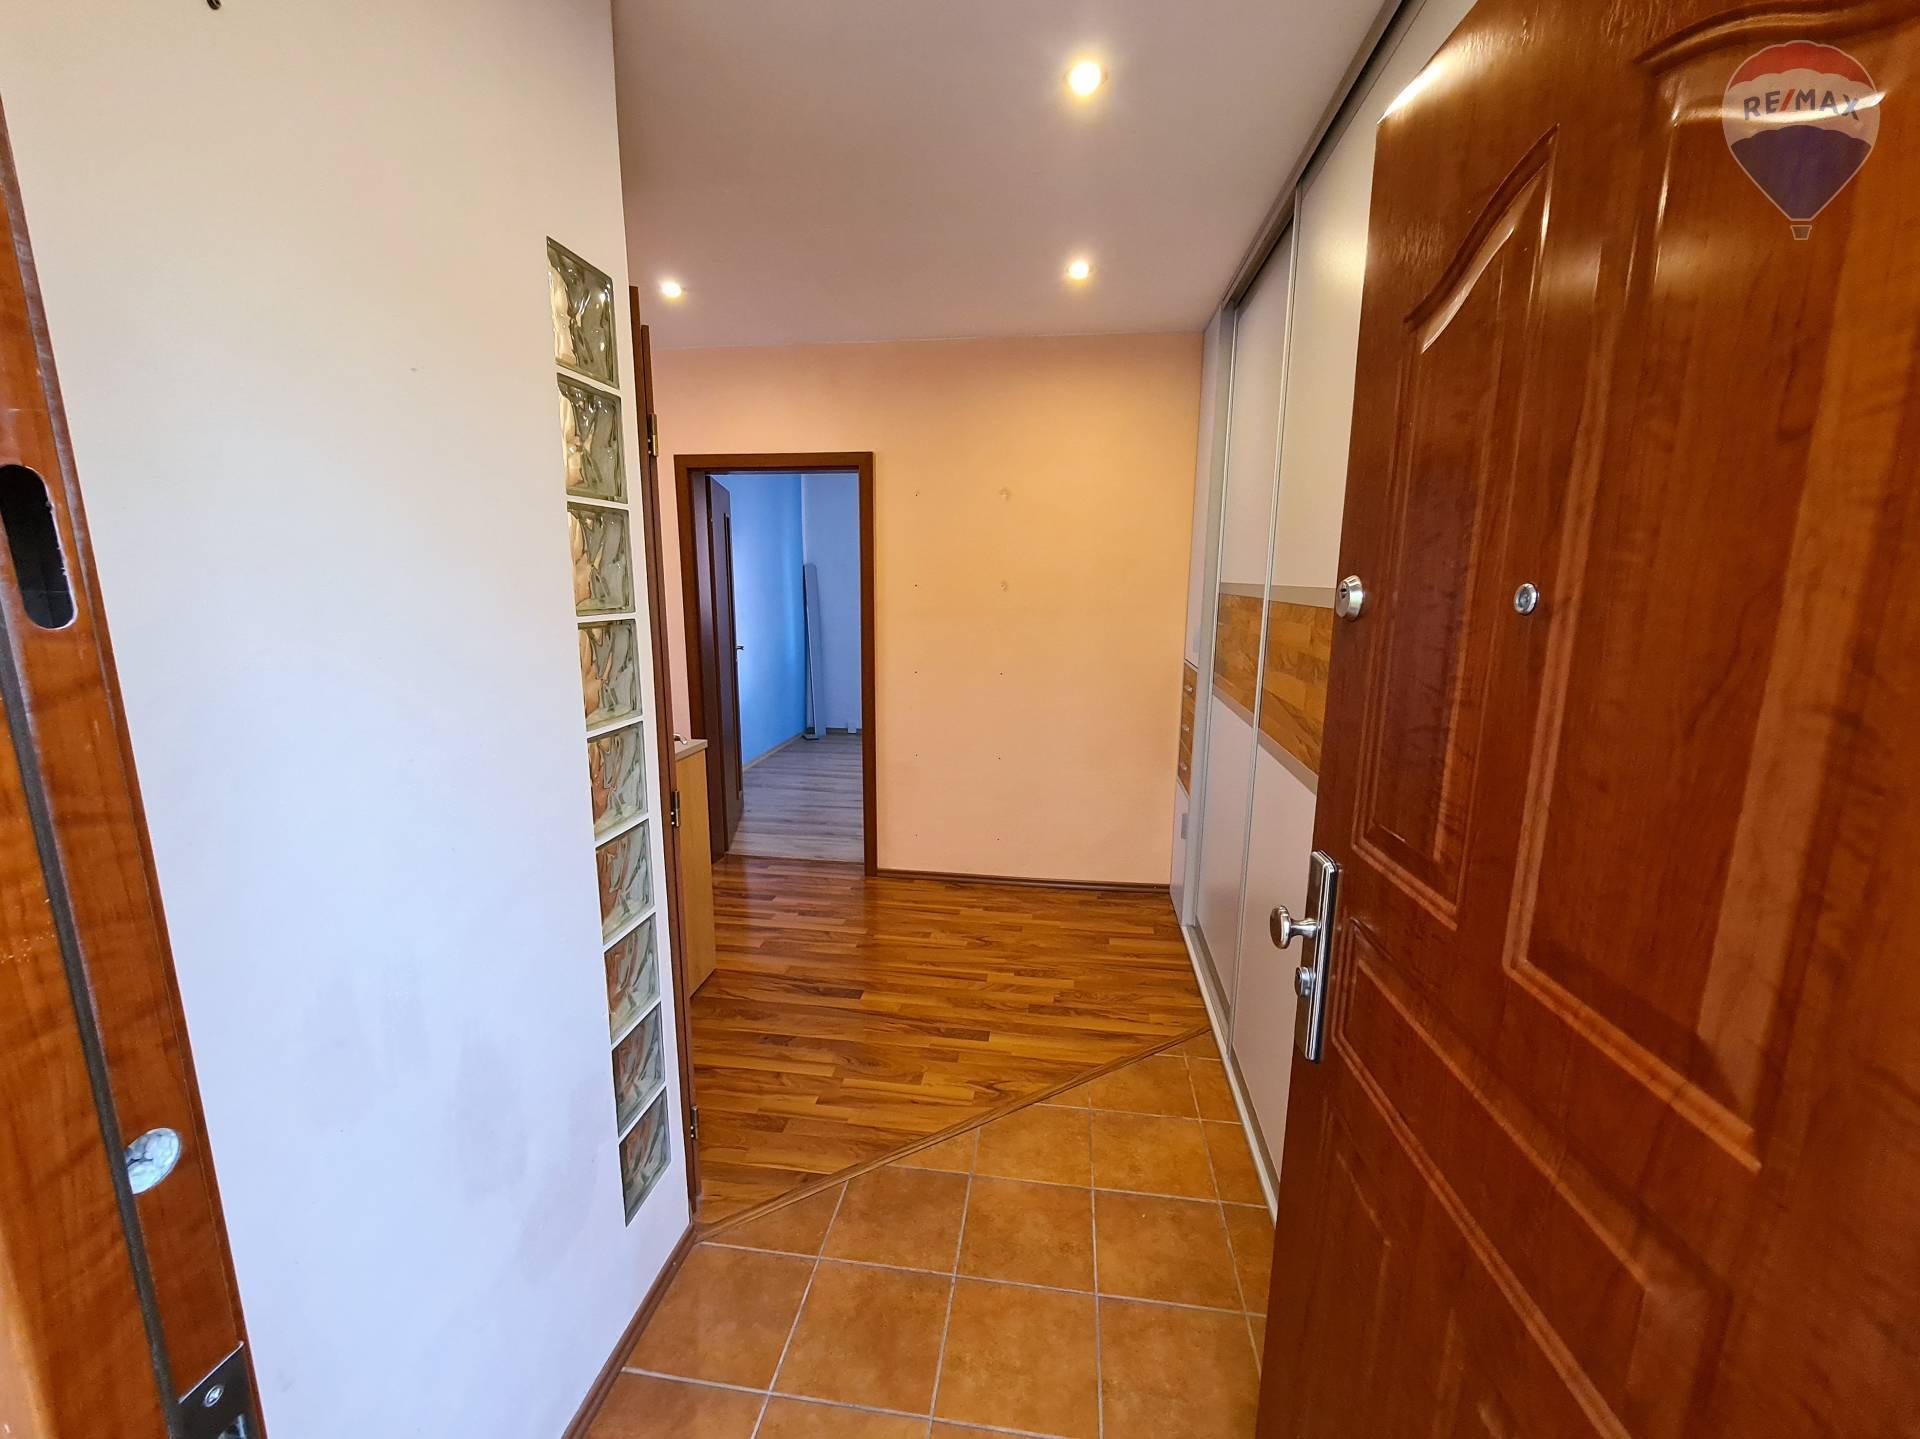 Predaj bytu (3 izbový) 77 m2, Liptovský Mikuláš - vstup do bytu